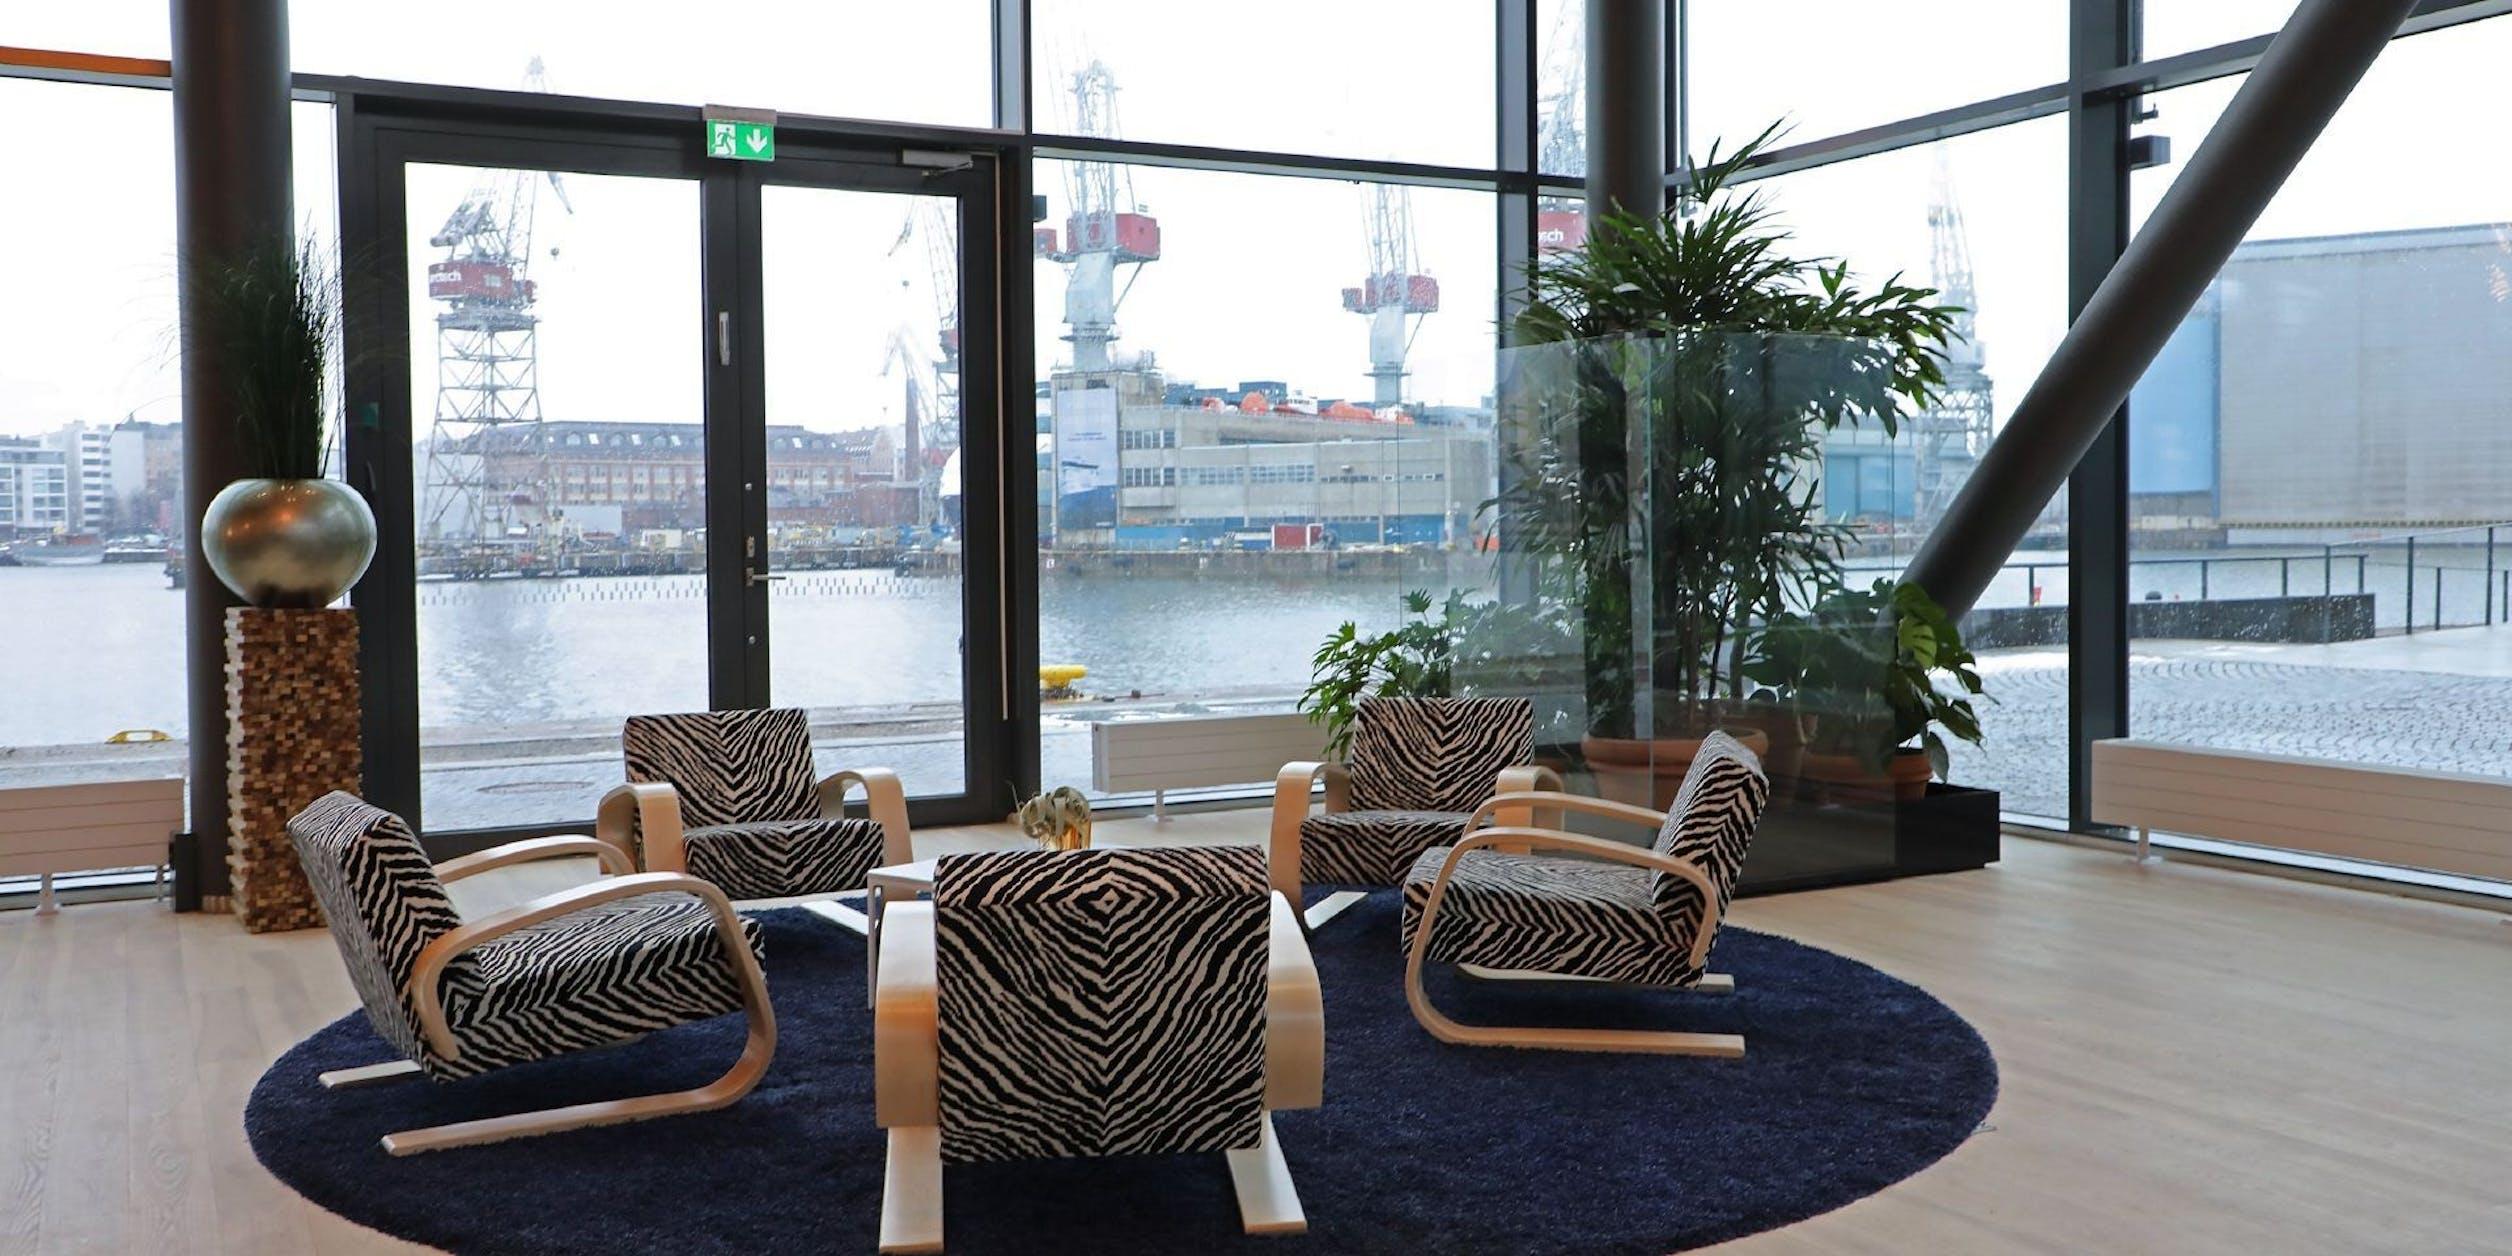 Clarion Hotel Helsinki Waiting Area image